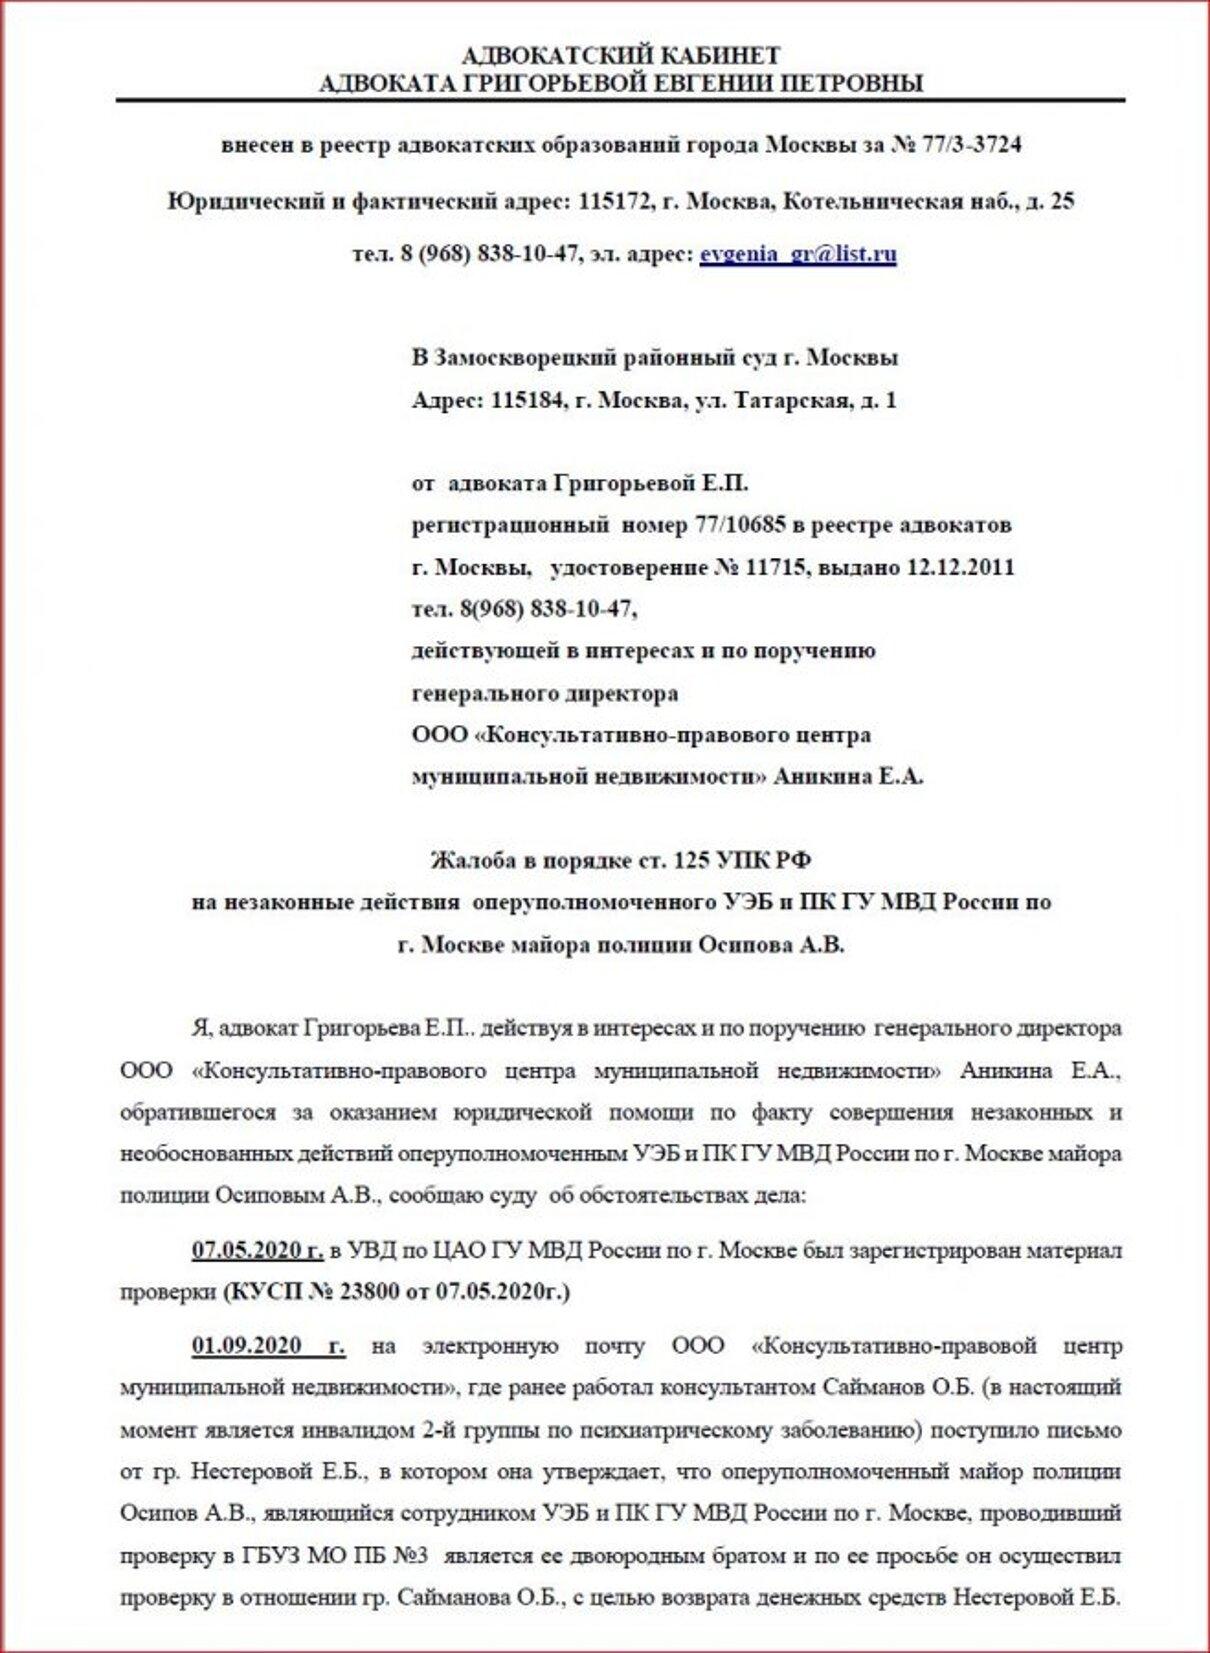 Жалоба-отзыв: Коррупция в МВД - Кто правит банкетом, и считаются ли правоохранительные органы с указанием вышестоящих инстанций?